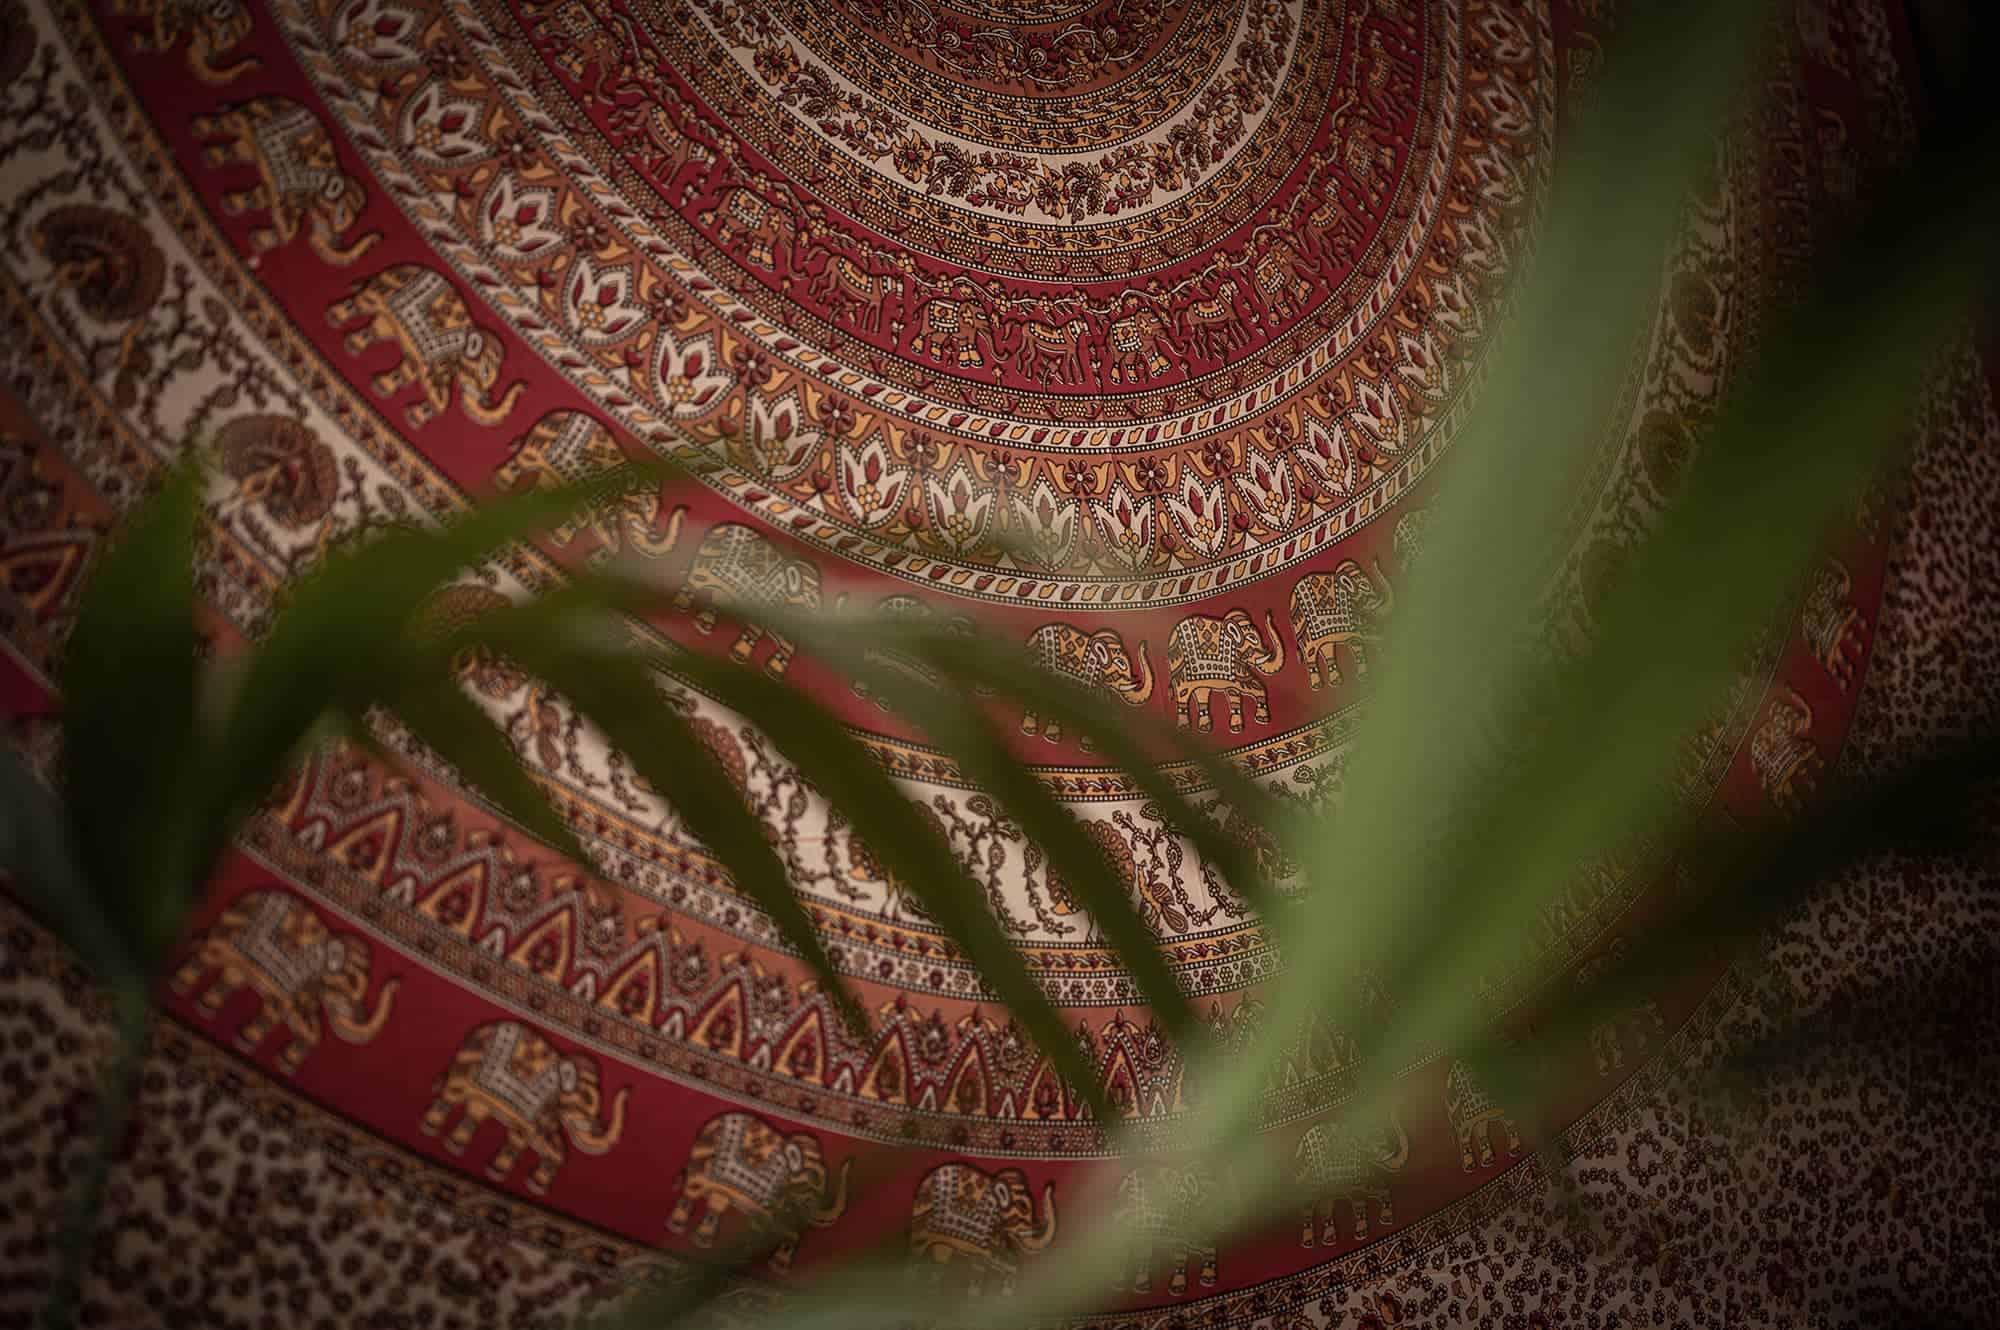 Wandtuch mit orientalischem Muster im AyaVision dem ersten Ayahuasca Retreat Zentrum Österreichs